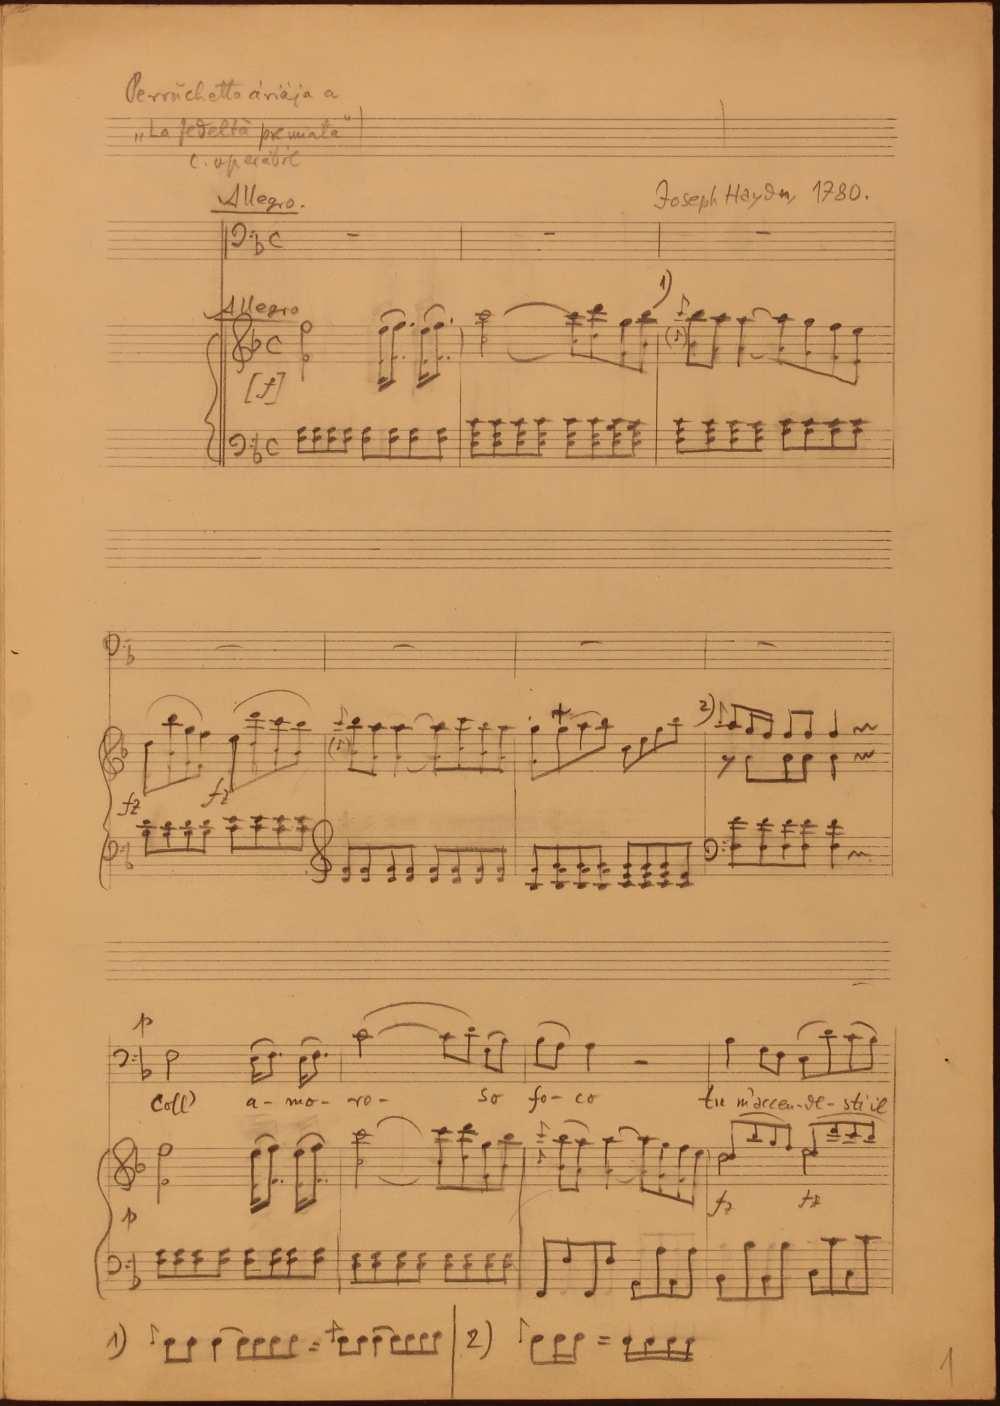 Joseph Haydn: La fedeltà premiata (A hűség jutalma). Opera három felvonásban. (Hob. XXVIII/10). Perrucchetto, a különc gróf áriája az első felvonásból: Coll' amoro so face… Vécsey Jenő átirata, részlet. Szerzői autográf. Jelzet: Ms. Mus 4.528 – Színháztörténeti és Zeneműtár. Az ária meghallgatható: https://www.youtube.com/watch?v=x5ClzMHdnYg